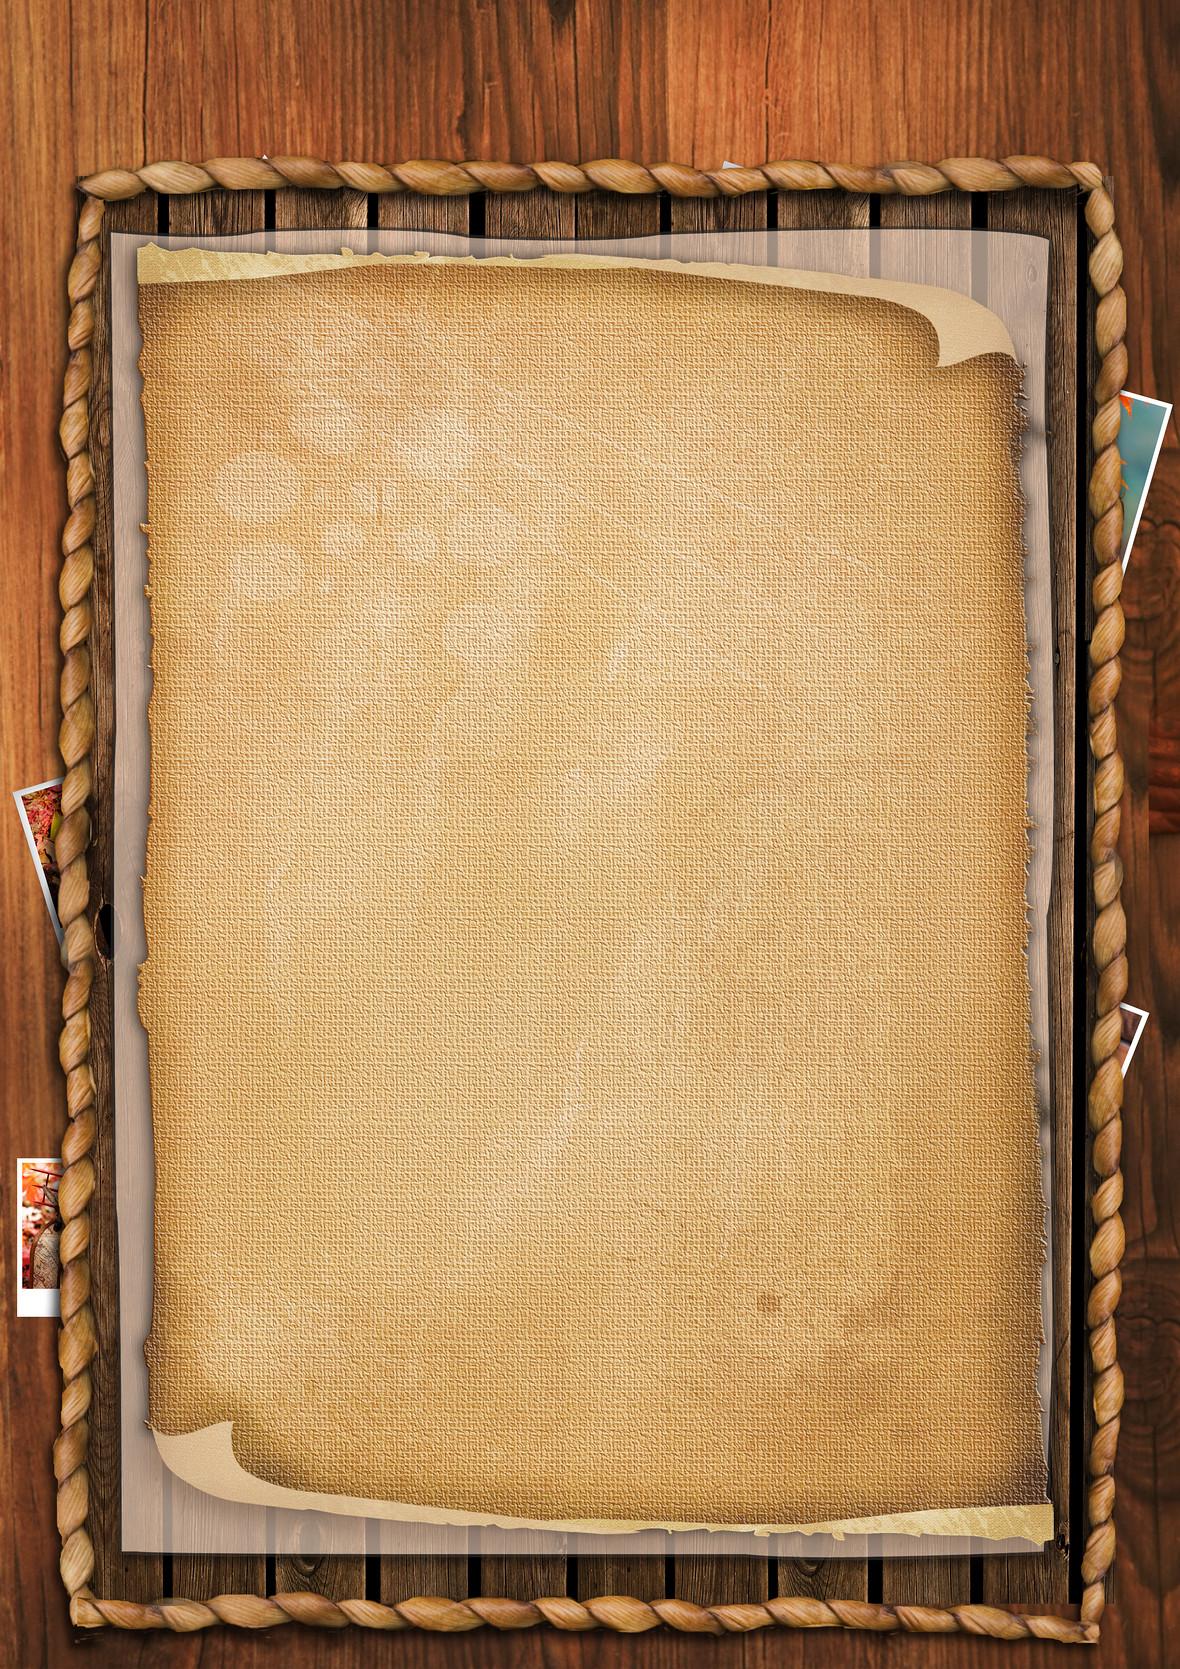 四角复古麻绳木板木纹边框背景